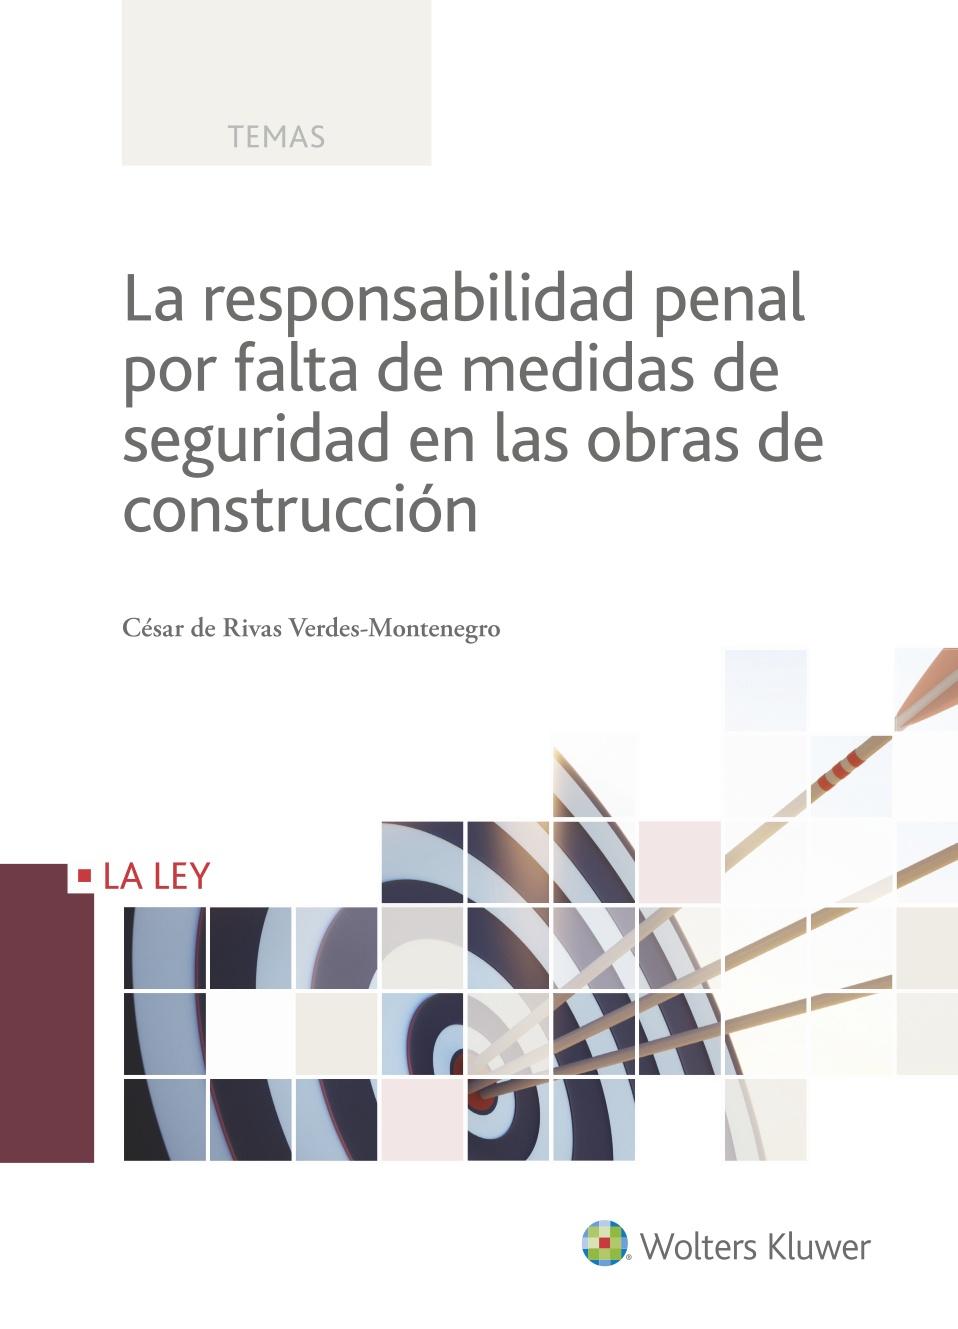 Ofrece soluciones directamente aplicativas a través del análisis del accidente laboral, abordando todas las cuestiones que pueden plantearse en la jurisdicción penal.